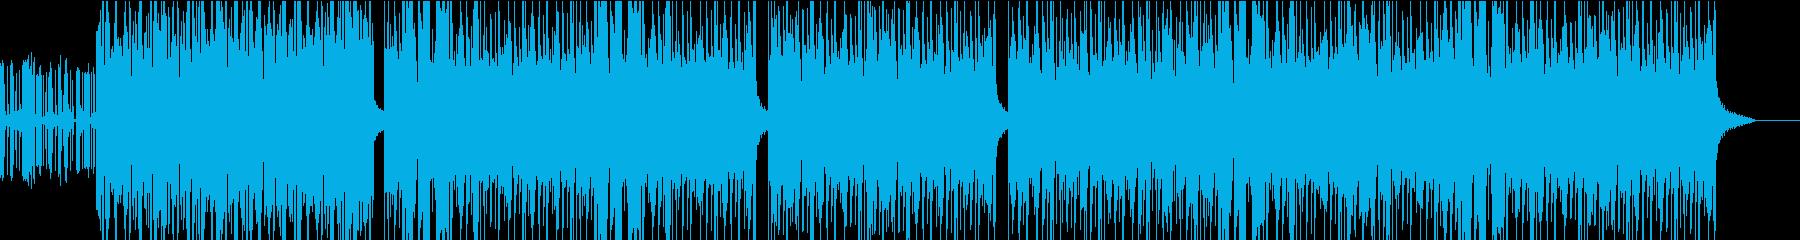 エレキギター 激しいファンク風な曲の再生済みの波形